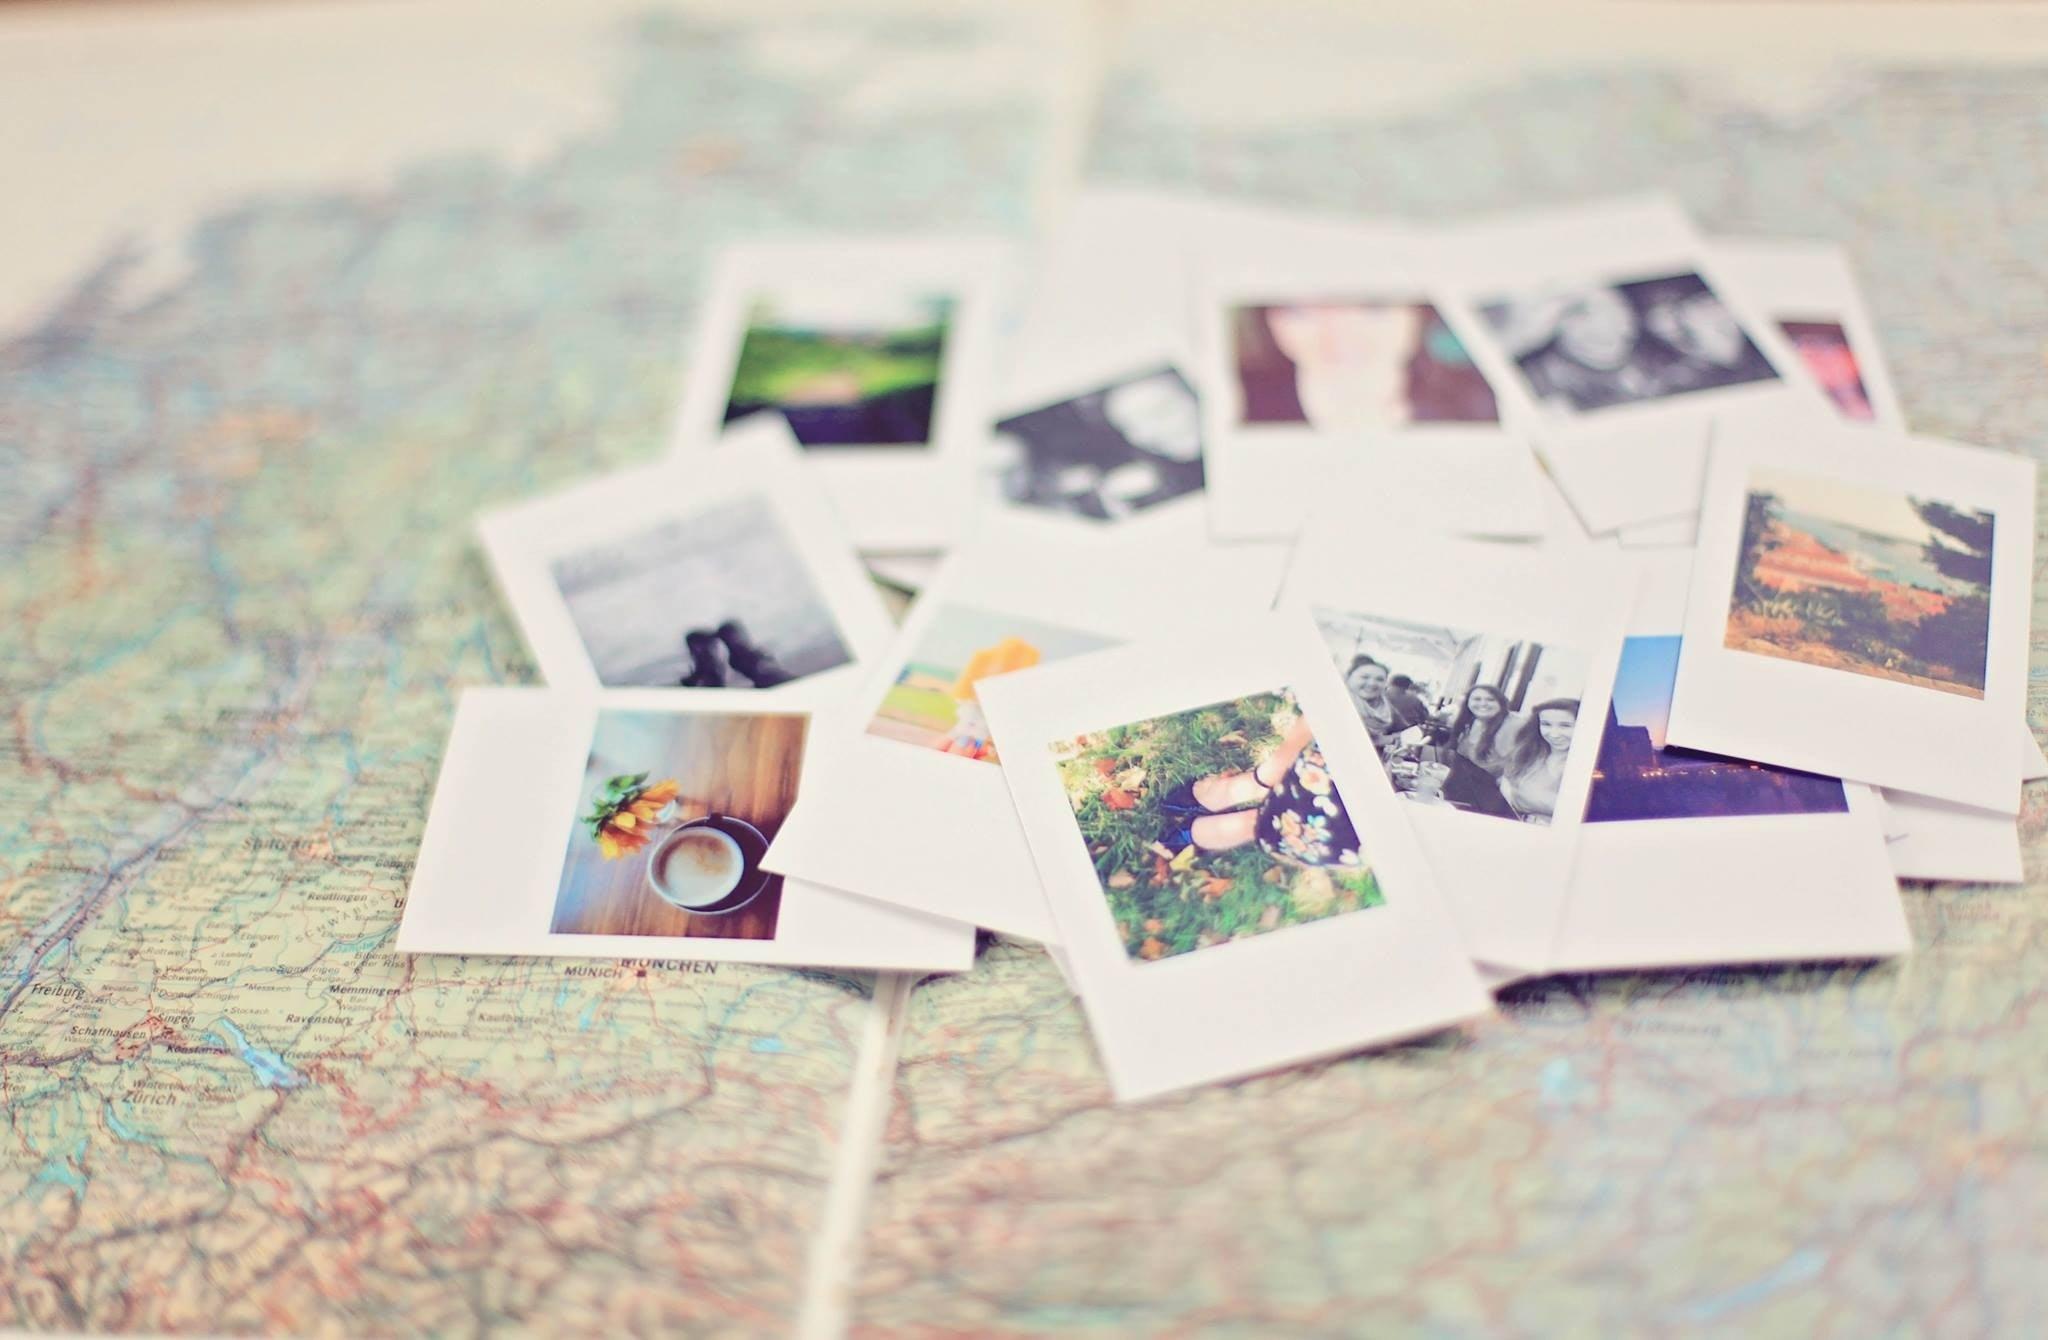 Manşet, hatırlamak, hafızadaki yanılsamalar, dijital amnezi, çocukluk hatıraları, bilgiler beynimizde nasıl saklanır, bellek